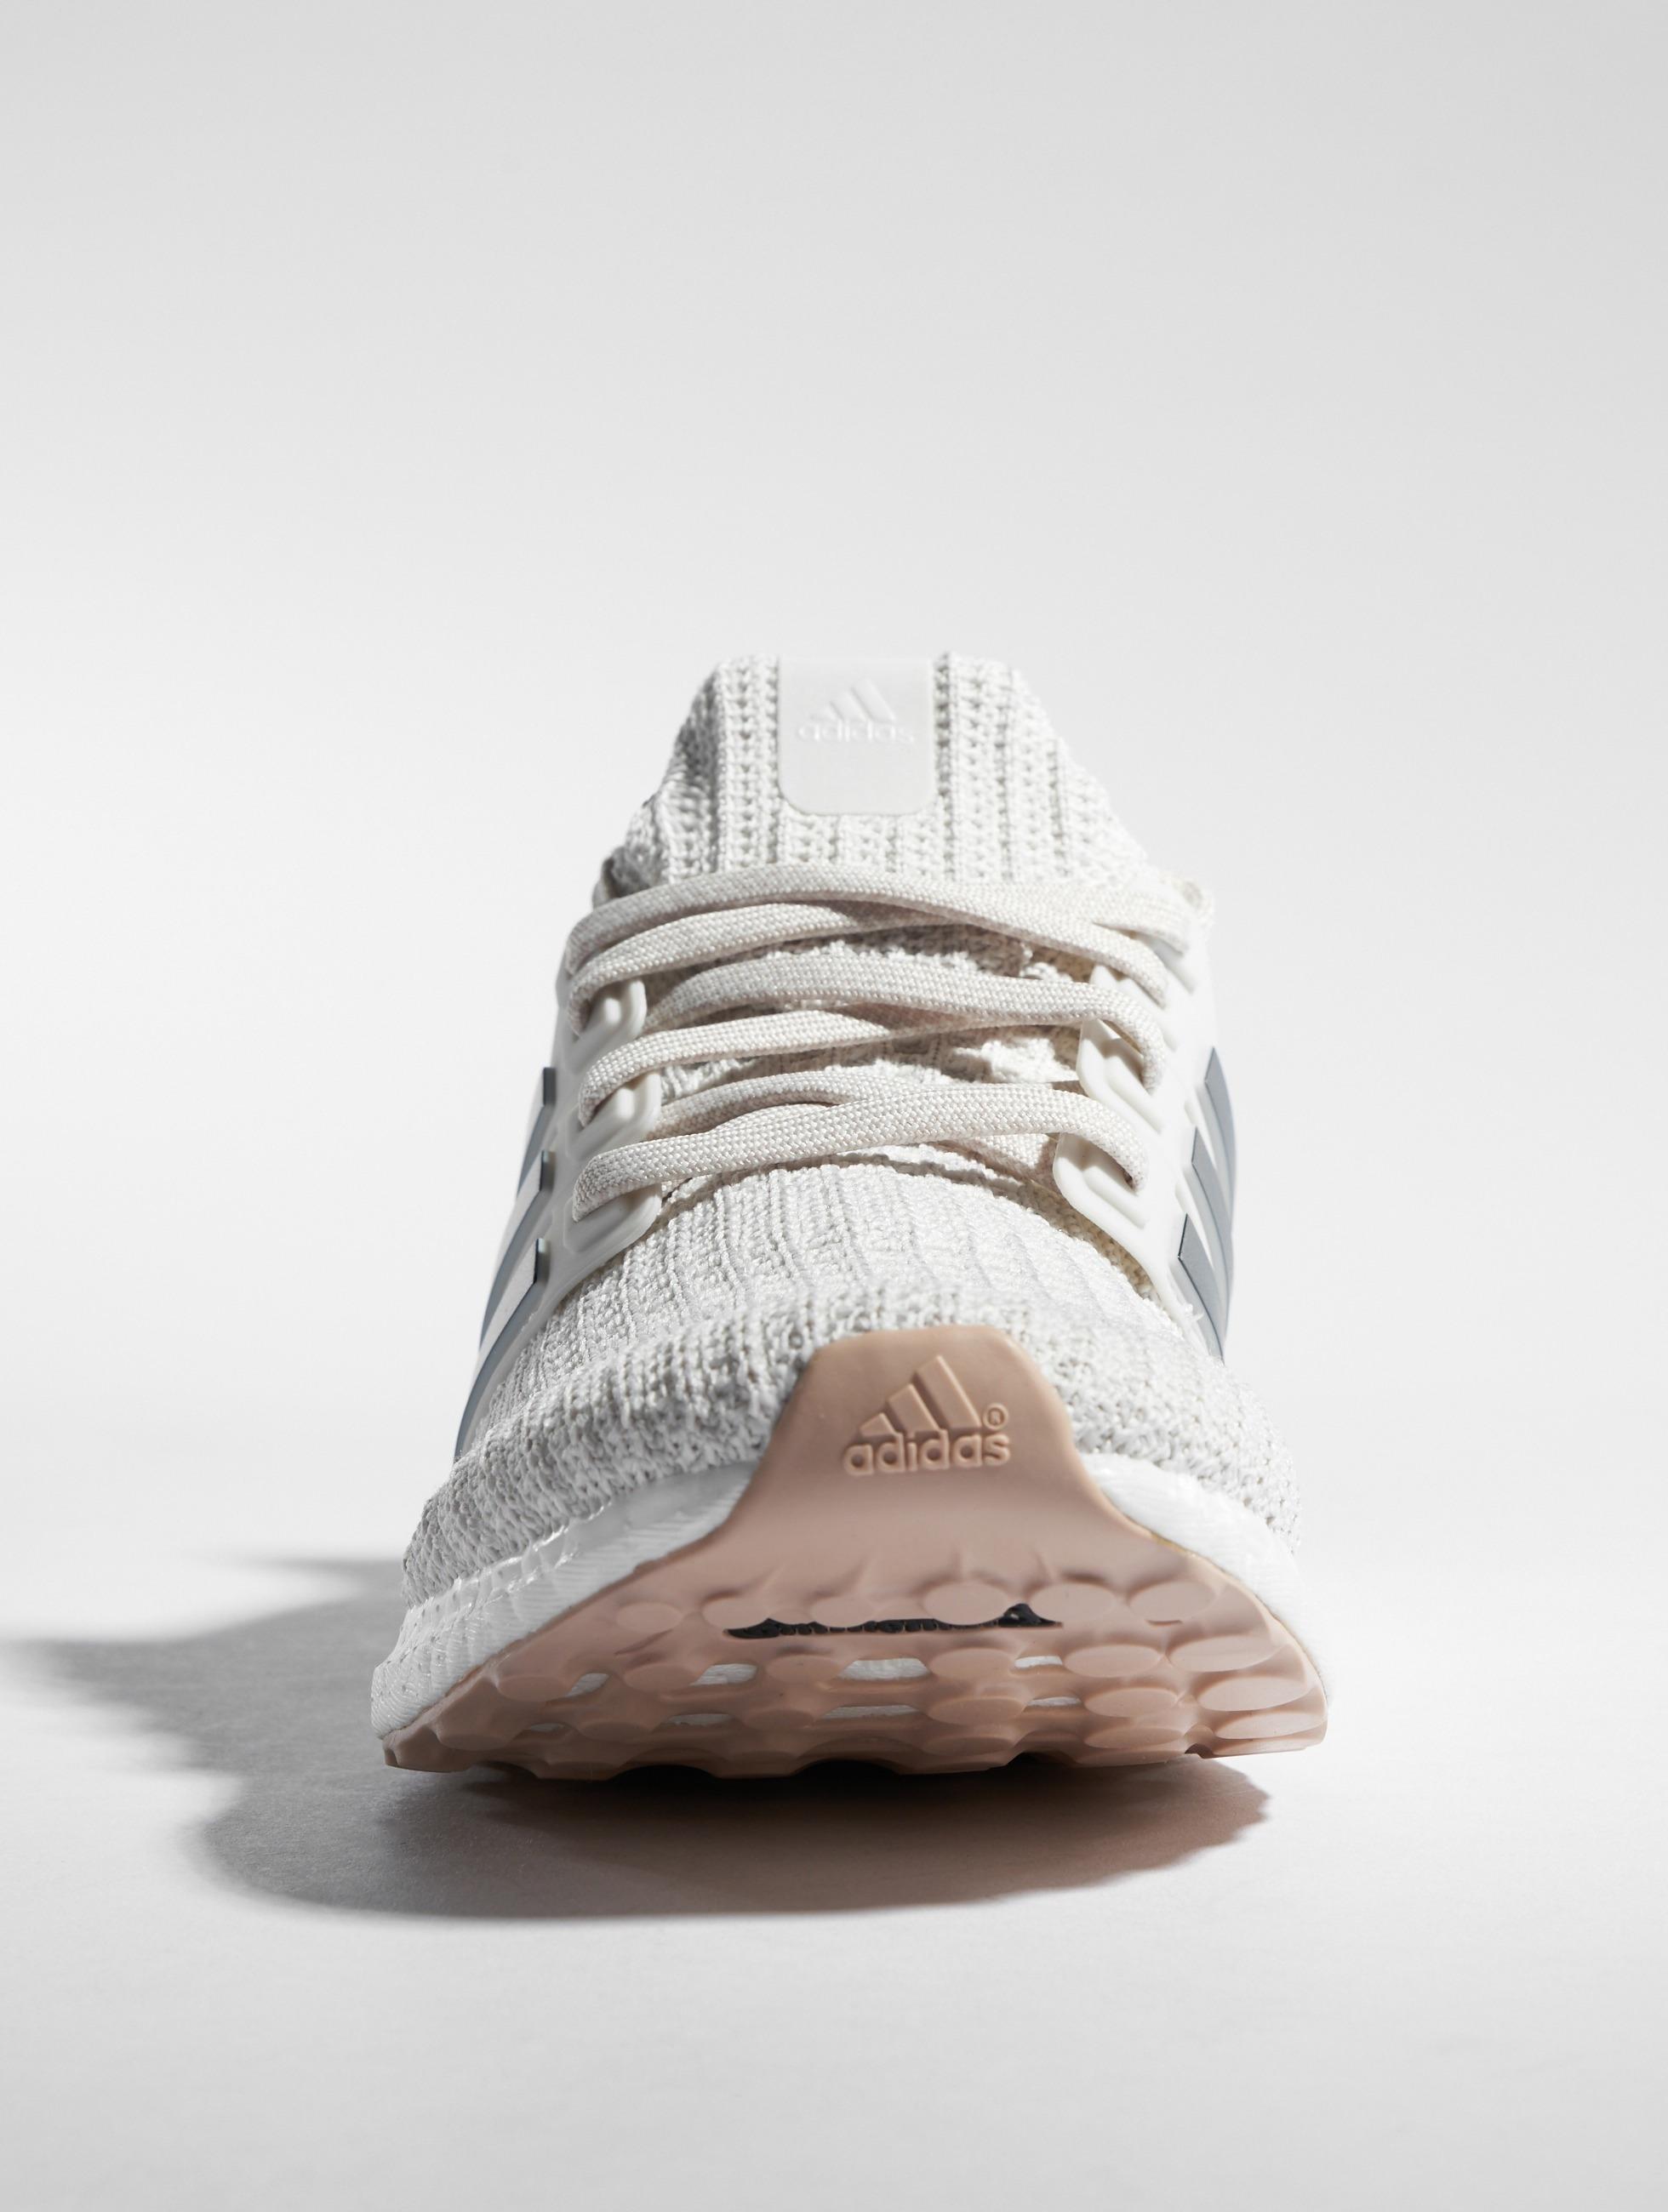 Ultra Performance Chaussures Adidas Femme Boost Baskets PBqTRwf